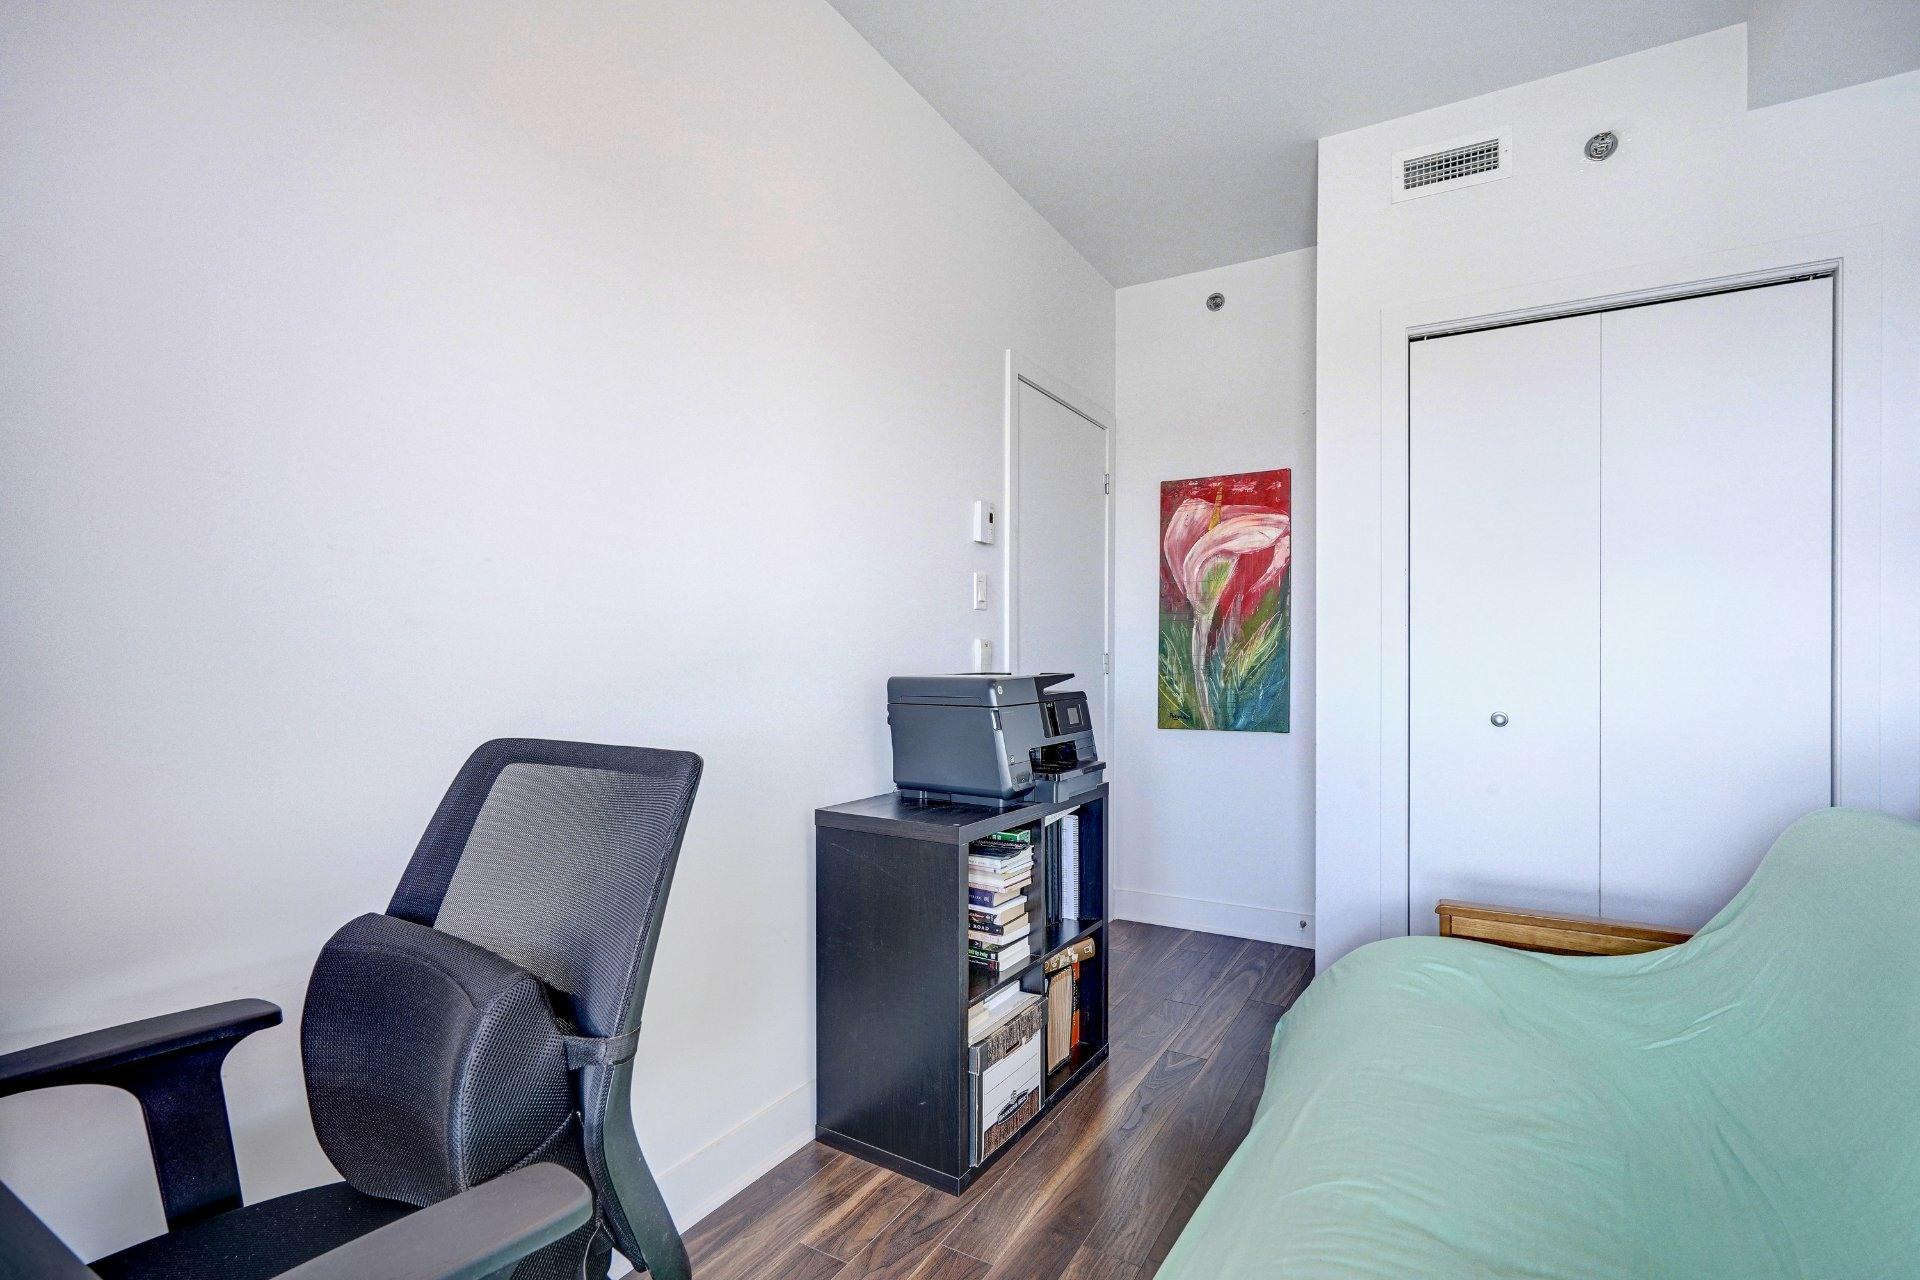 image 18 - Appartement À vendre Saint-Laurent Montréal  - 7 pièces